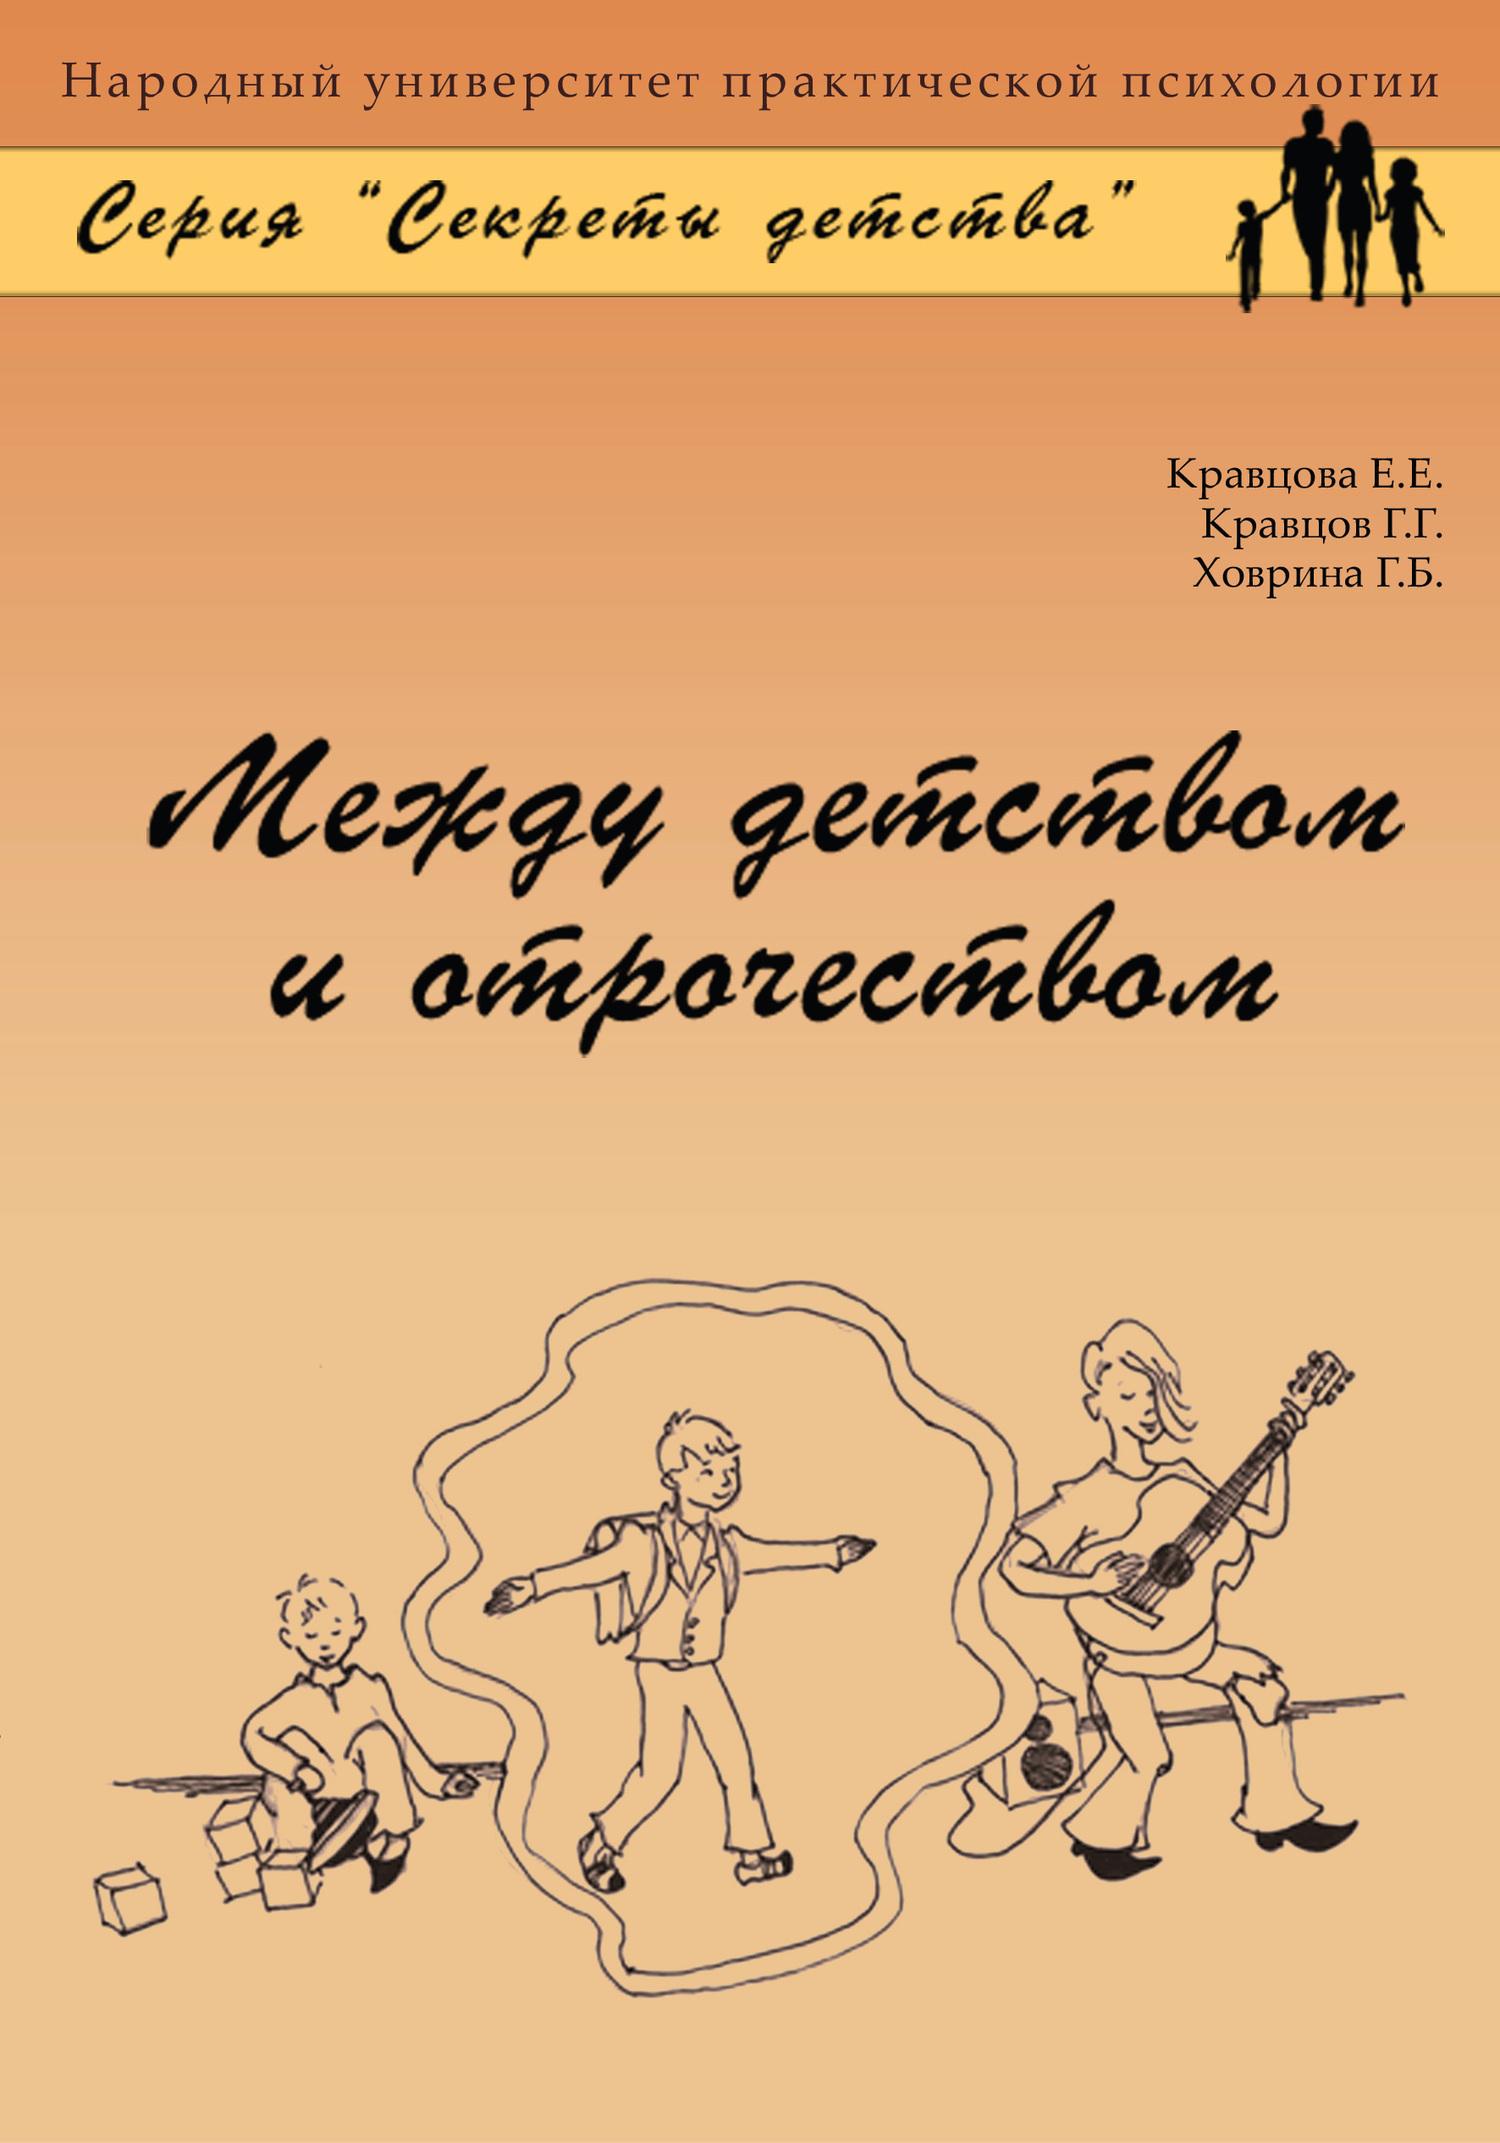 Елена Кравцова, Геннадий Кравцов - Между детством и отрочеством